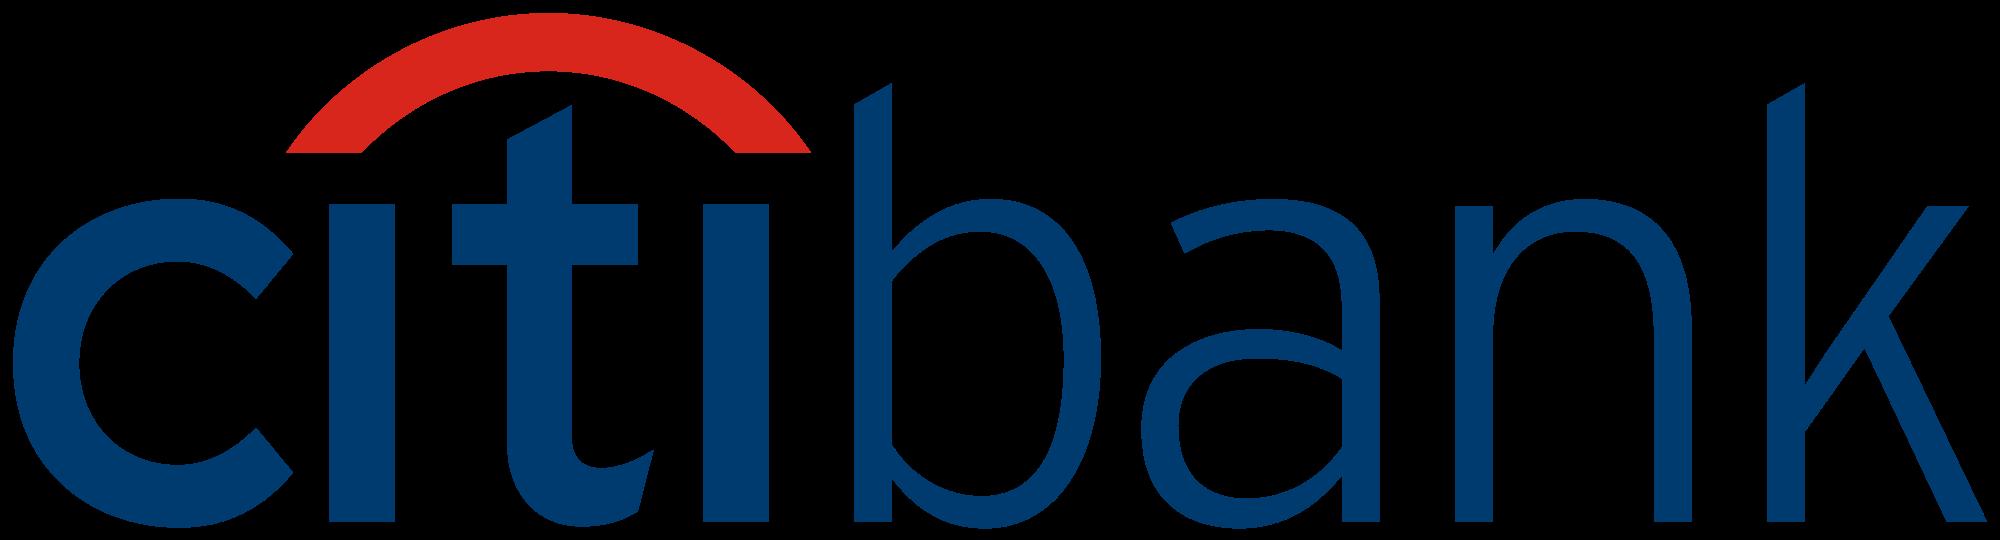 Citibank: cuentas, tarjetas, teléfono y sucursales